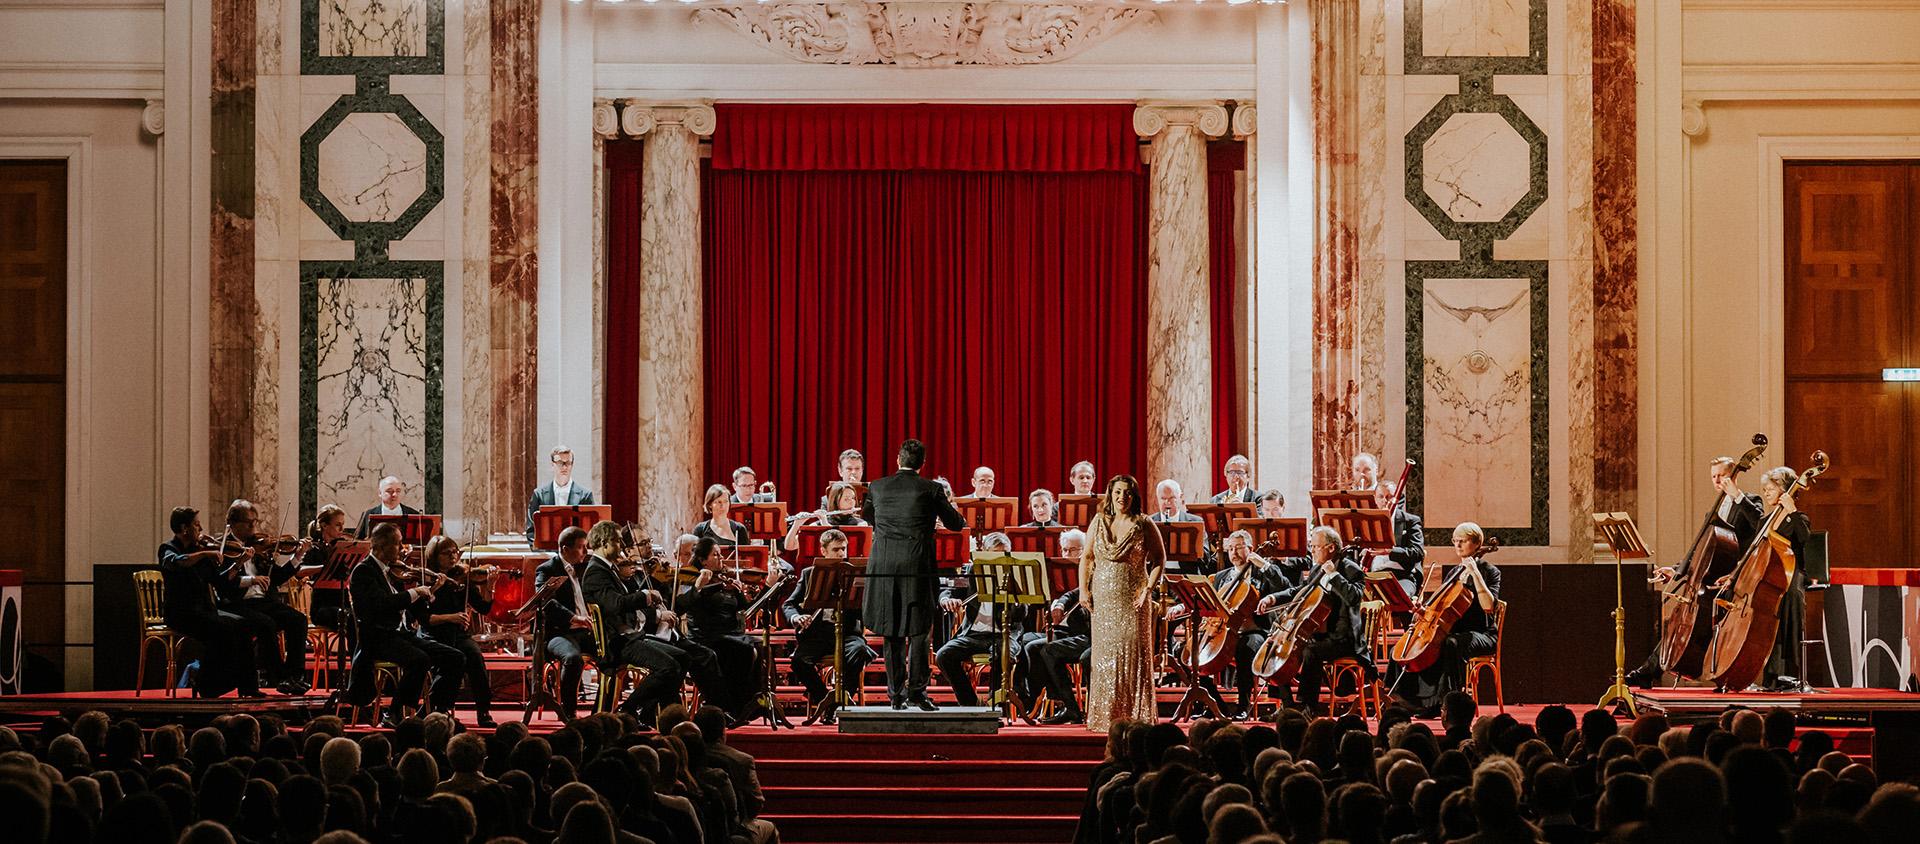 música clásica con Selvana Salmasi en la Sala de Fiestas del Hofburg Viena